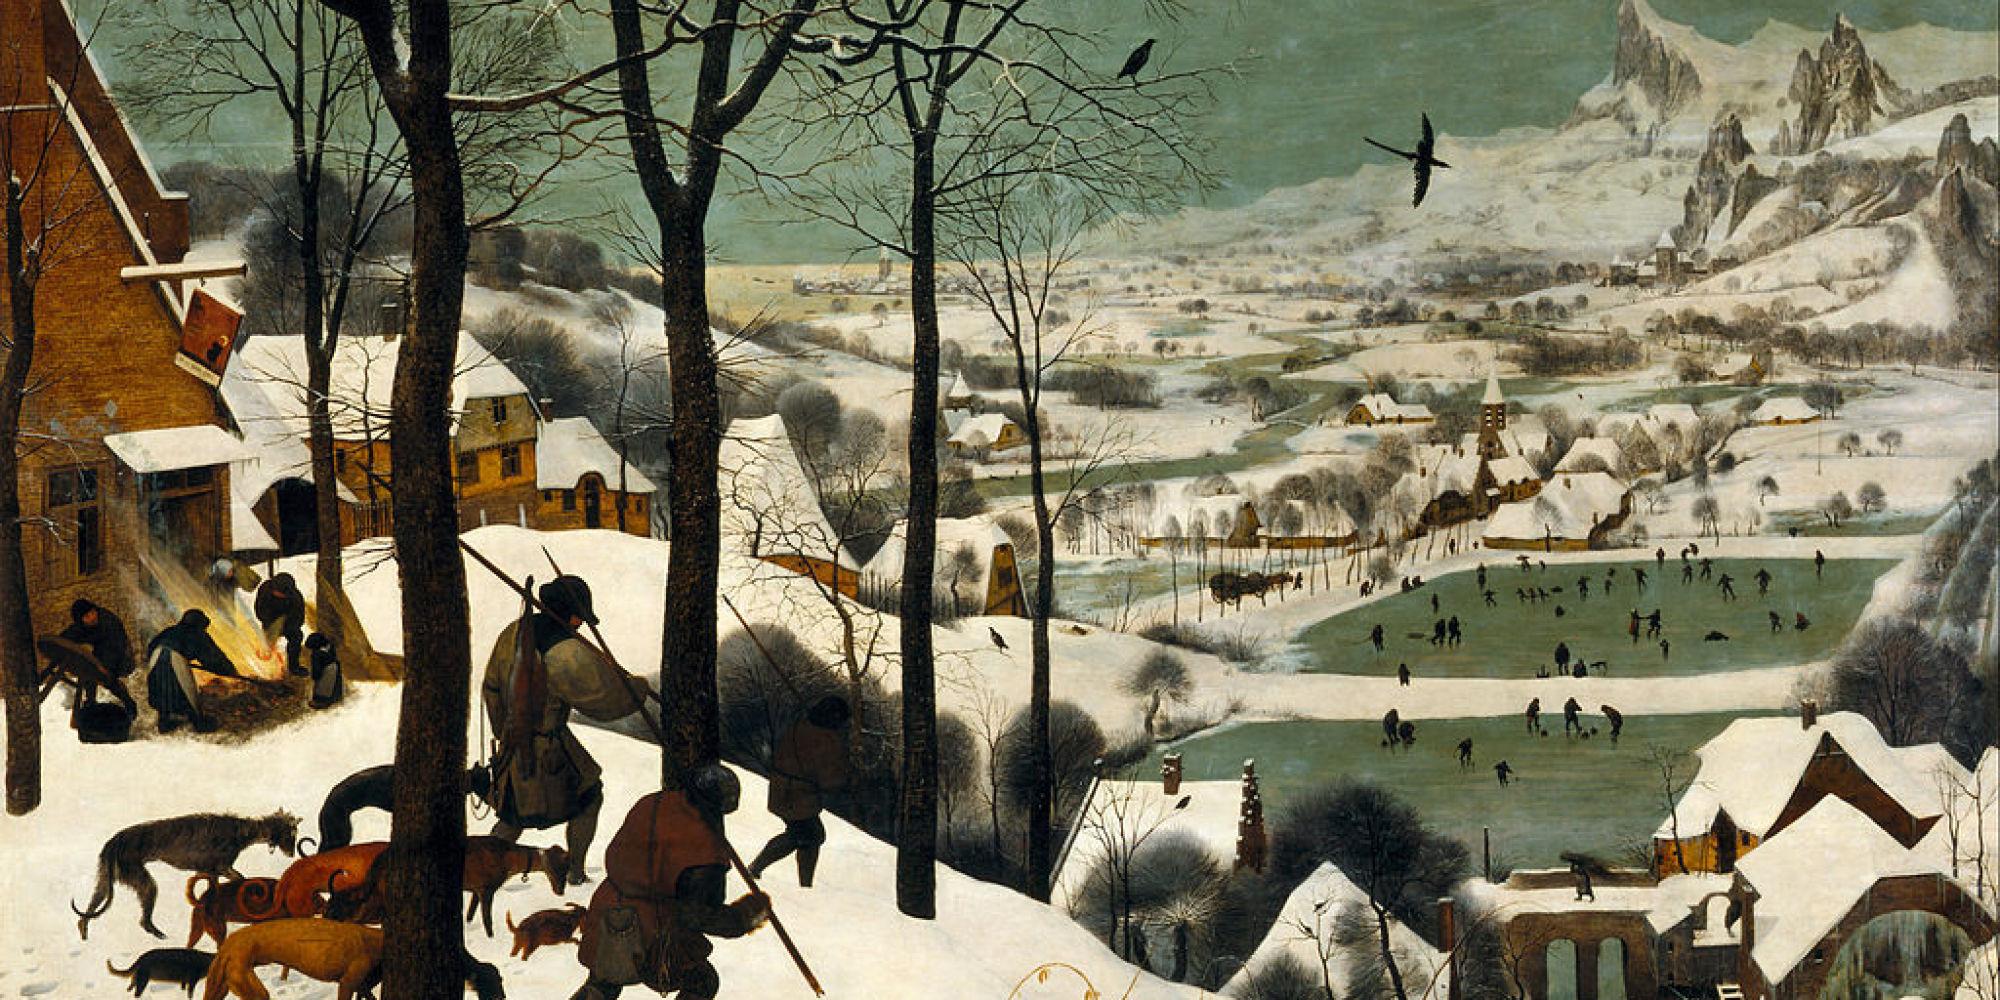 15 Of The Best Snow Scenes In Art